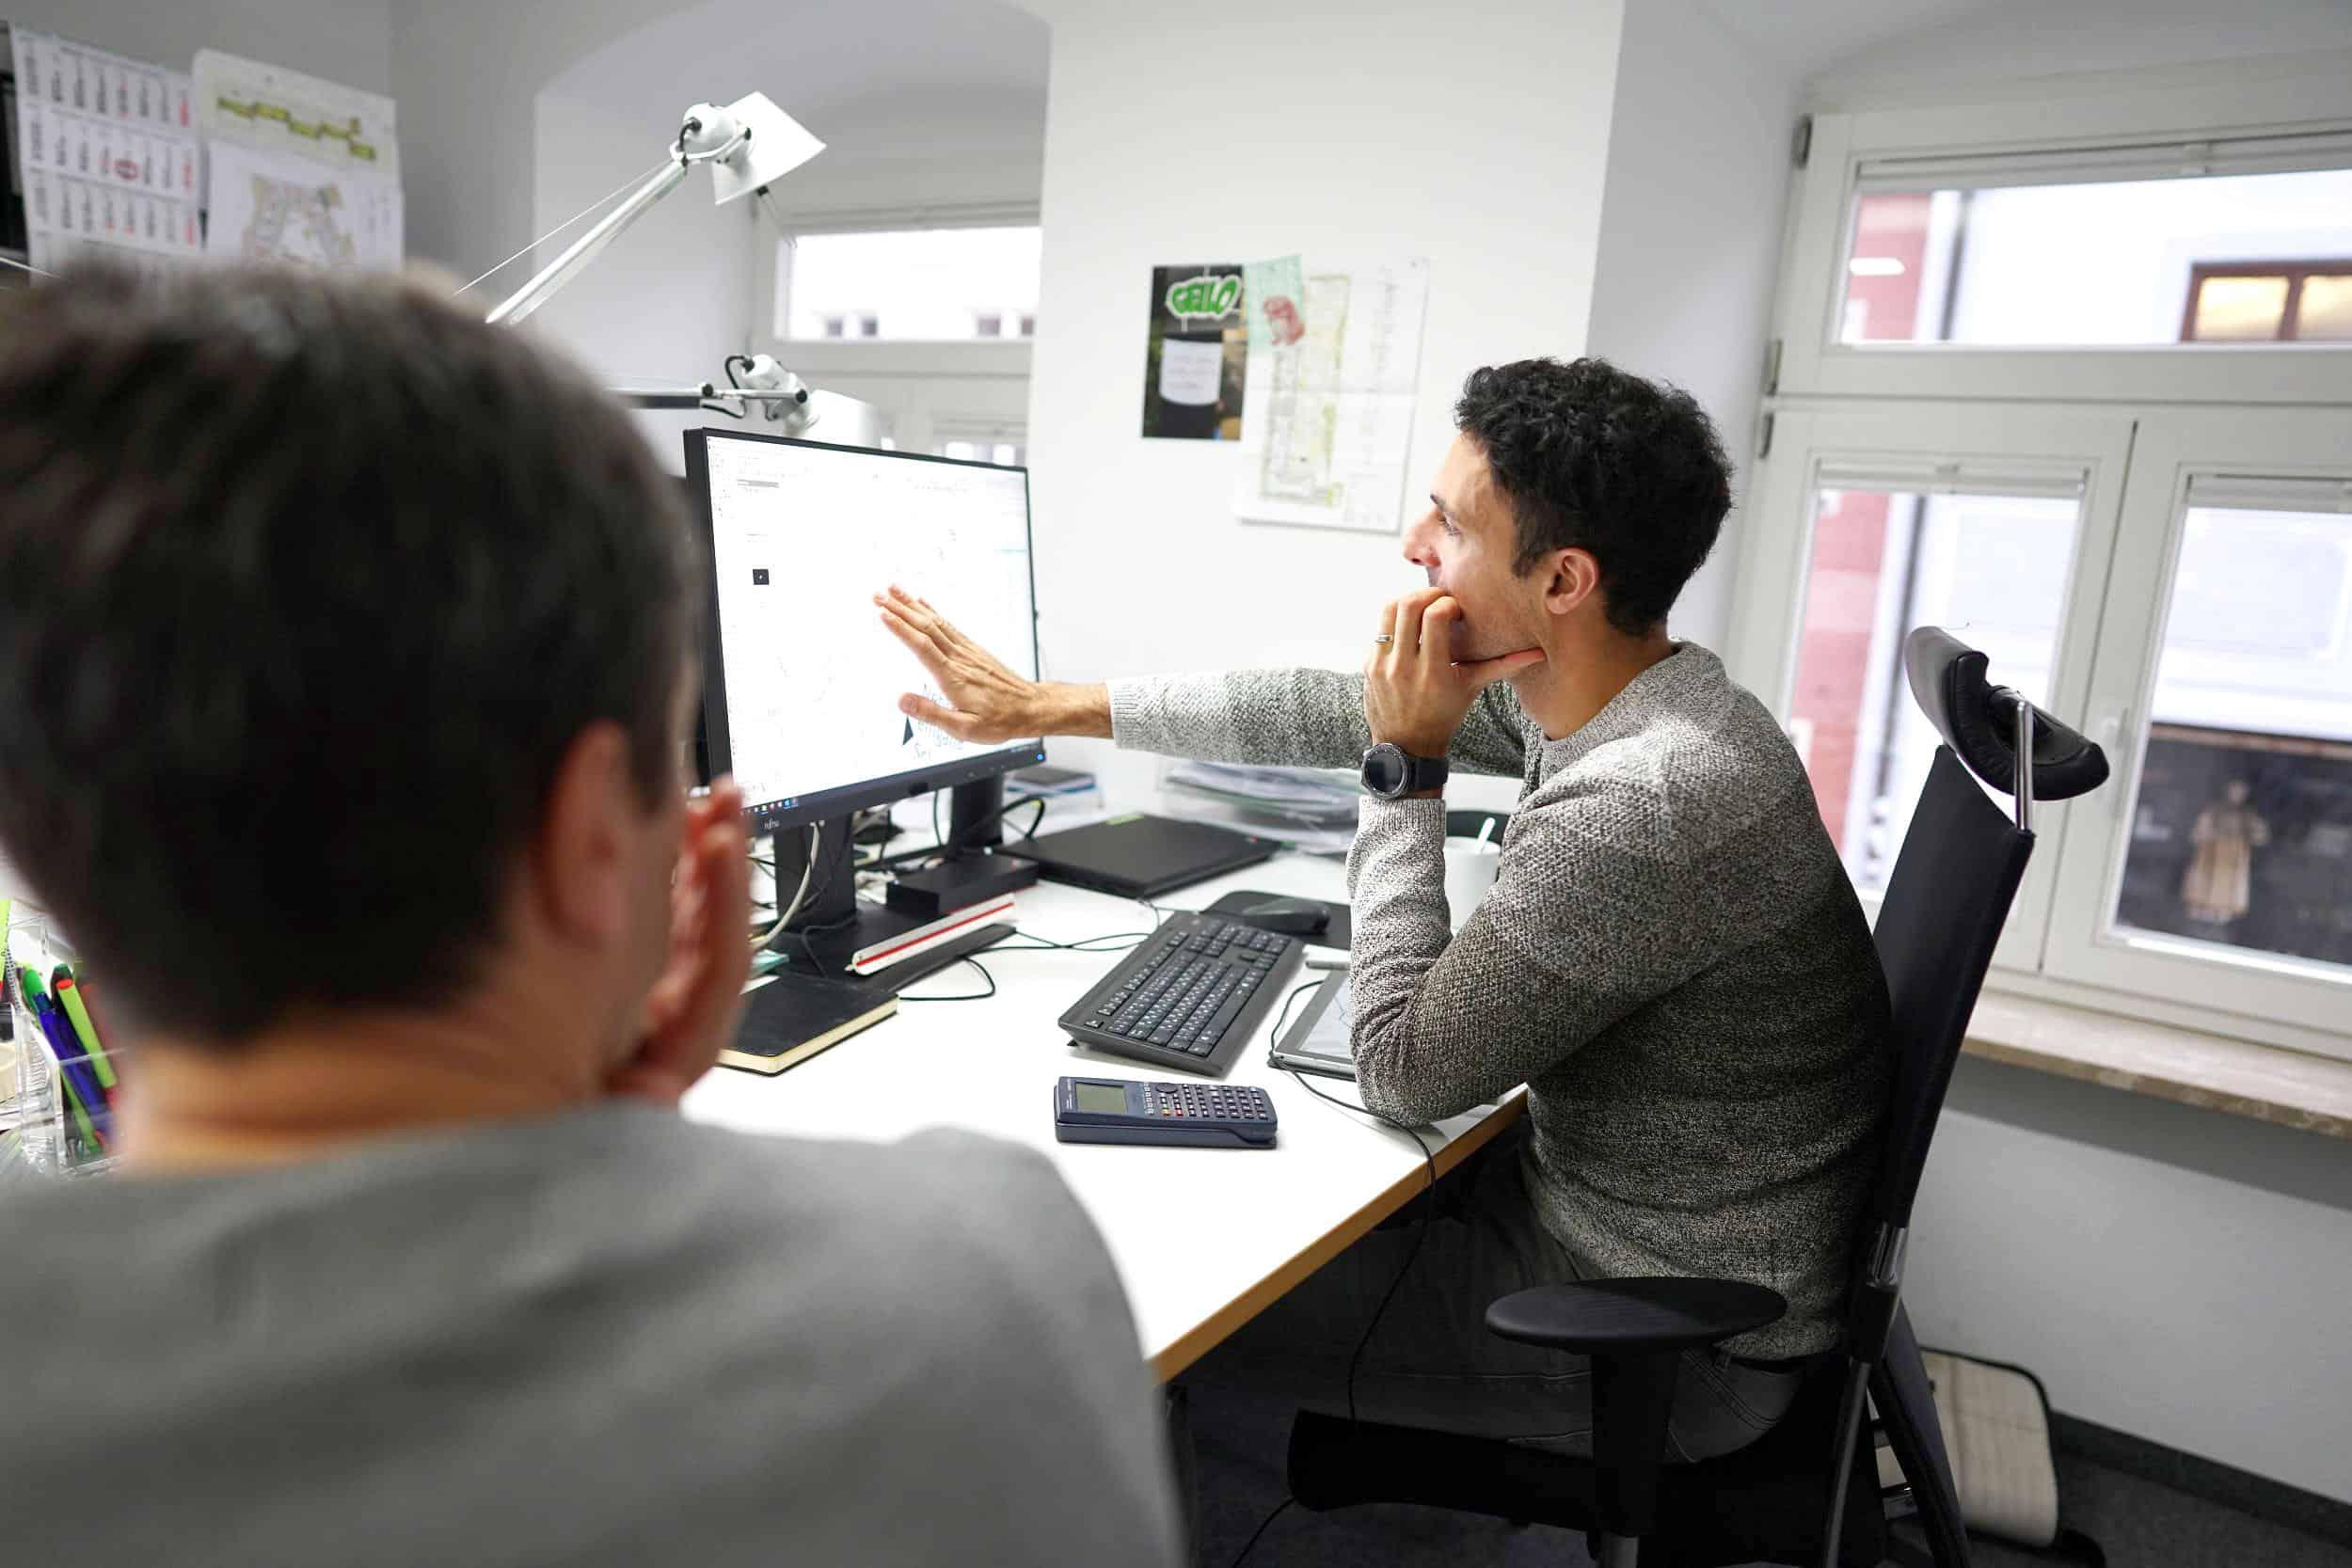 Bild: Besprechung im Büroleben von ver.de